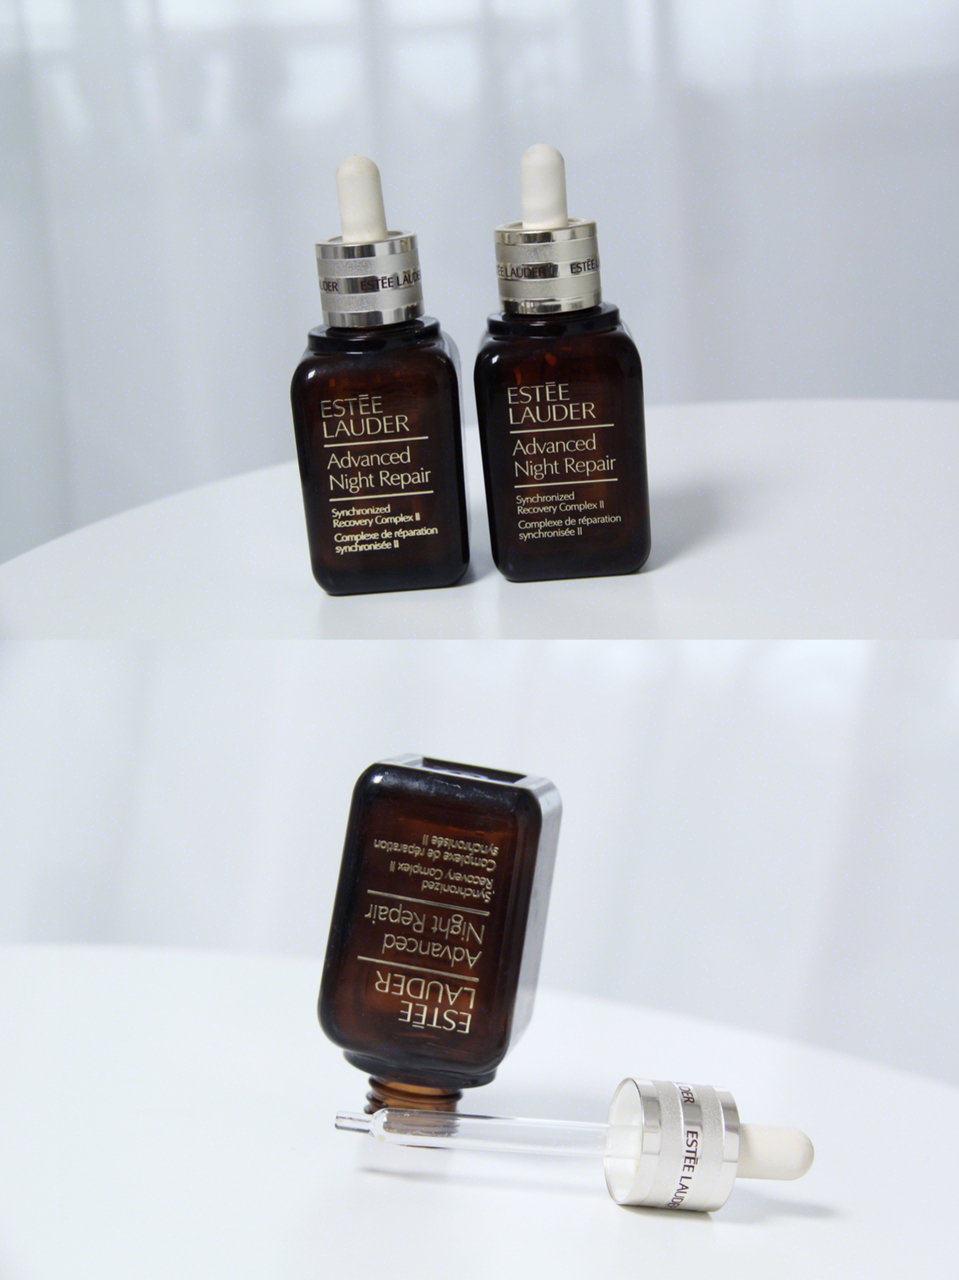 空瓶回购才是对护肤品最大的肯定!  科颜氏金盏花面膜 吃